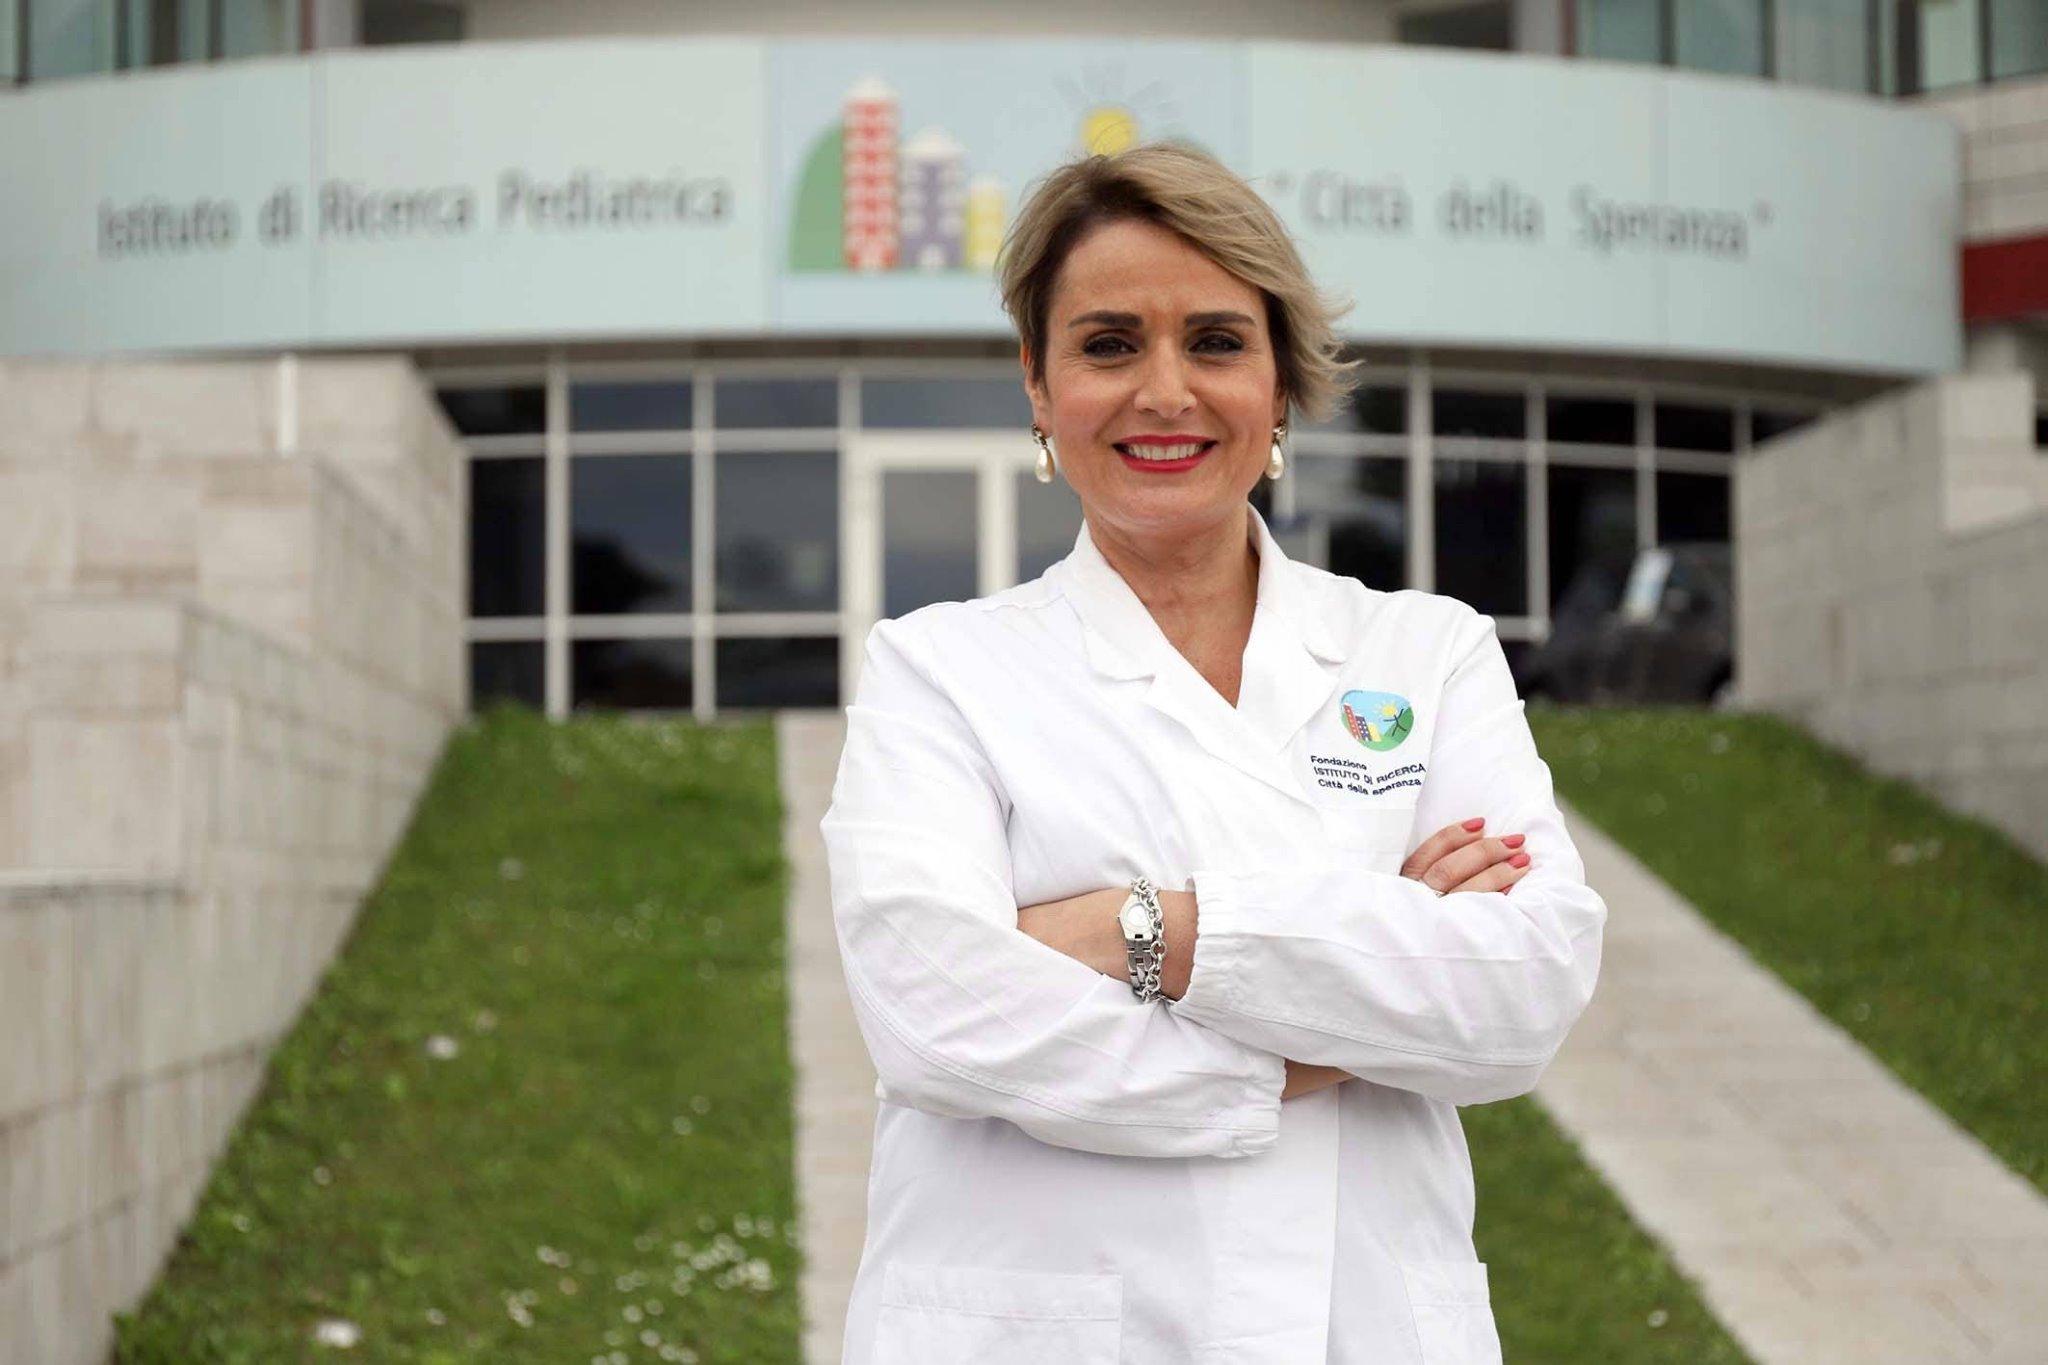 """L'immunologa Antonella Viola contro le chiusure: """"decisione irrazionale, cieca, assurda"""""""